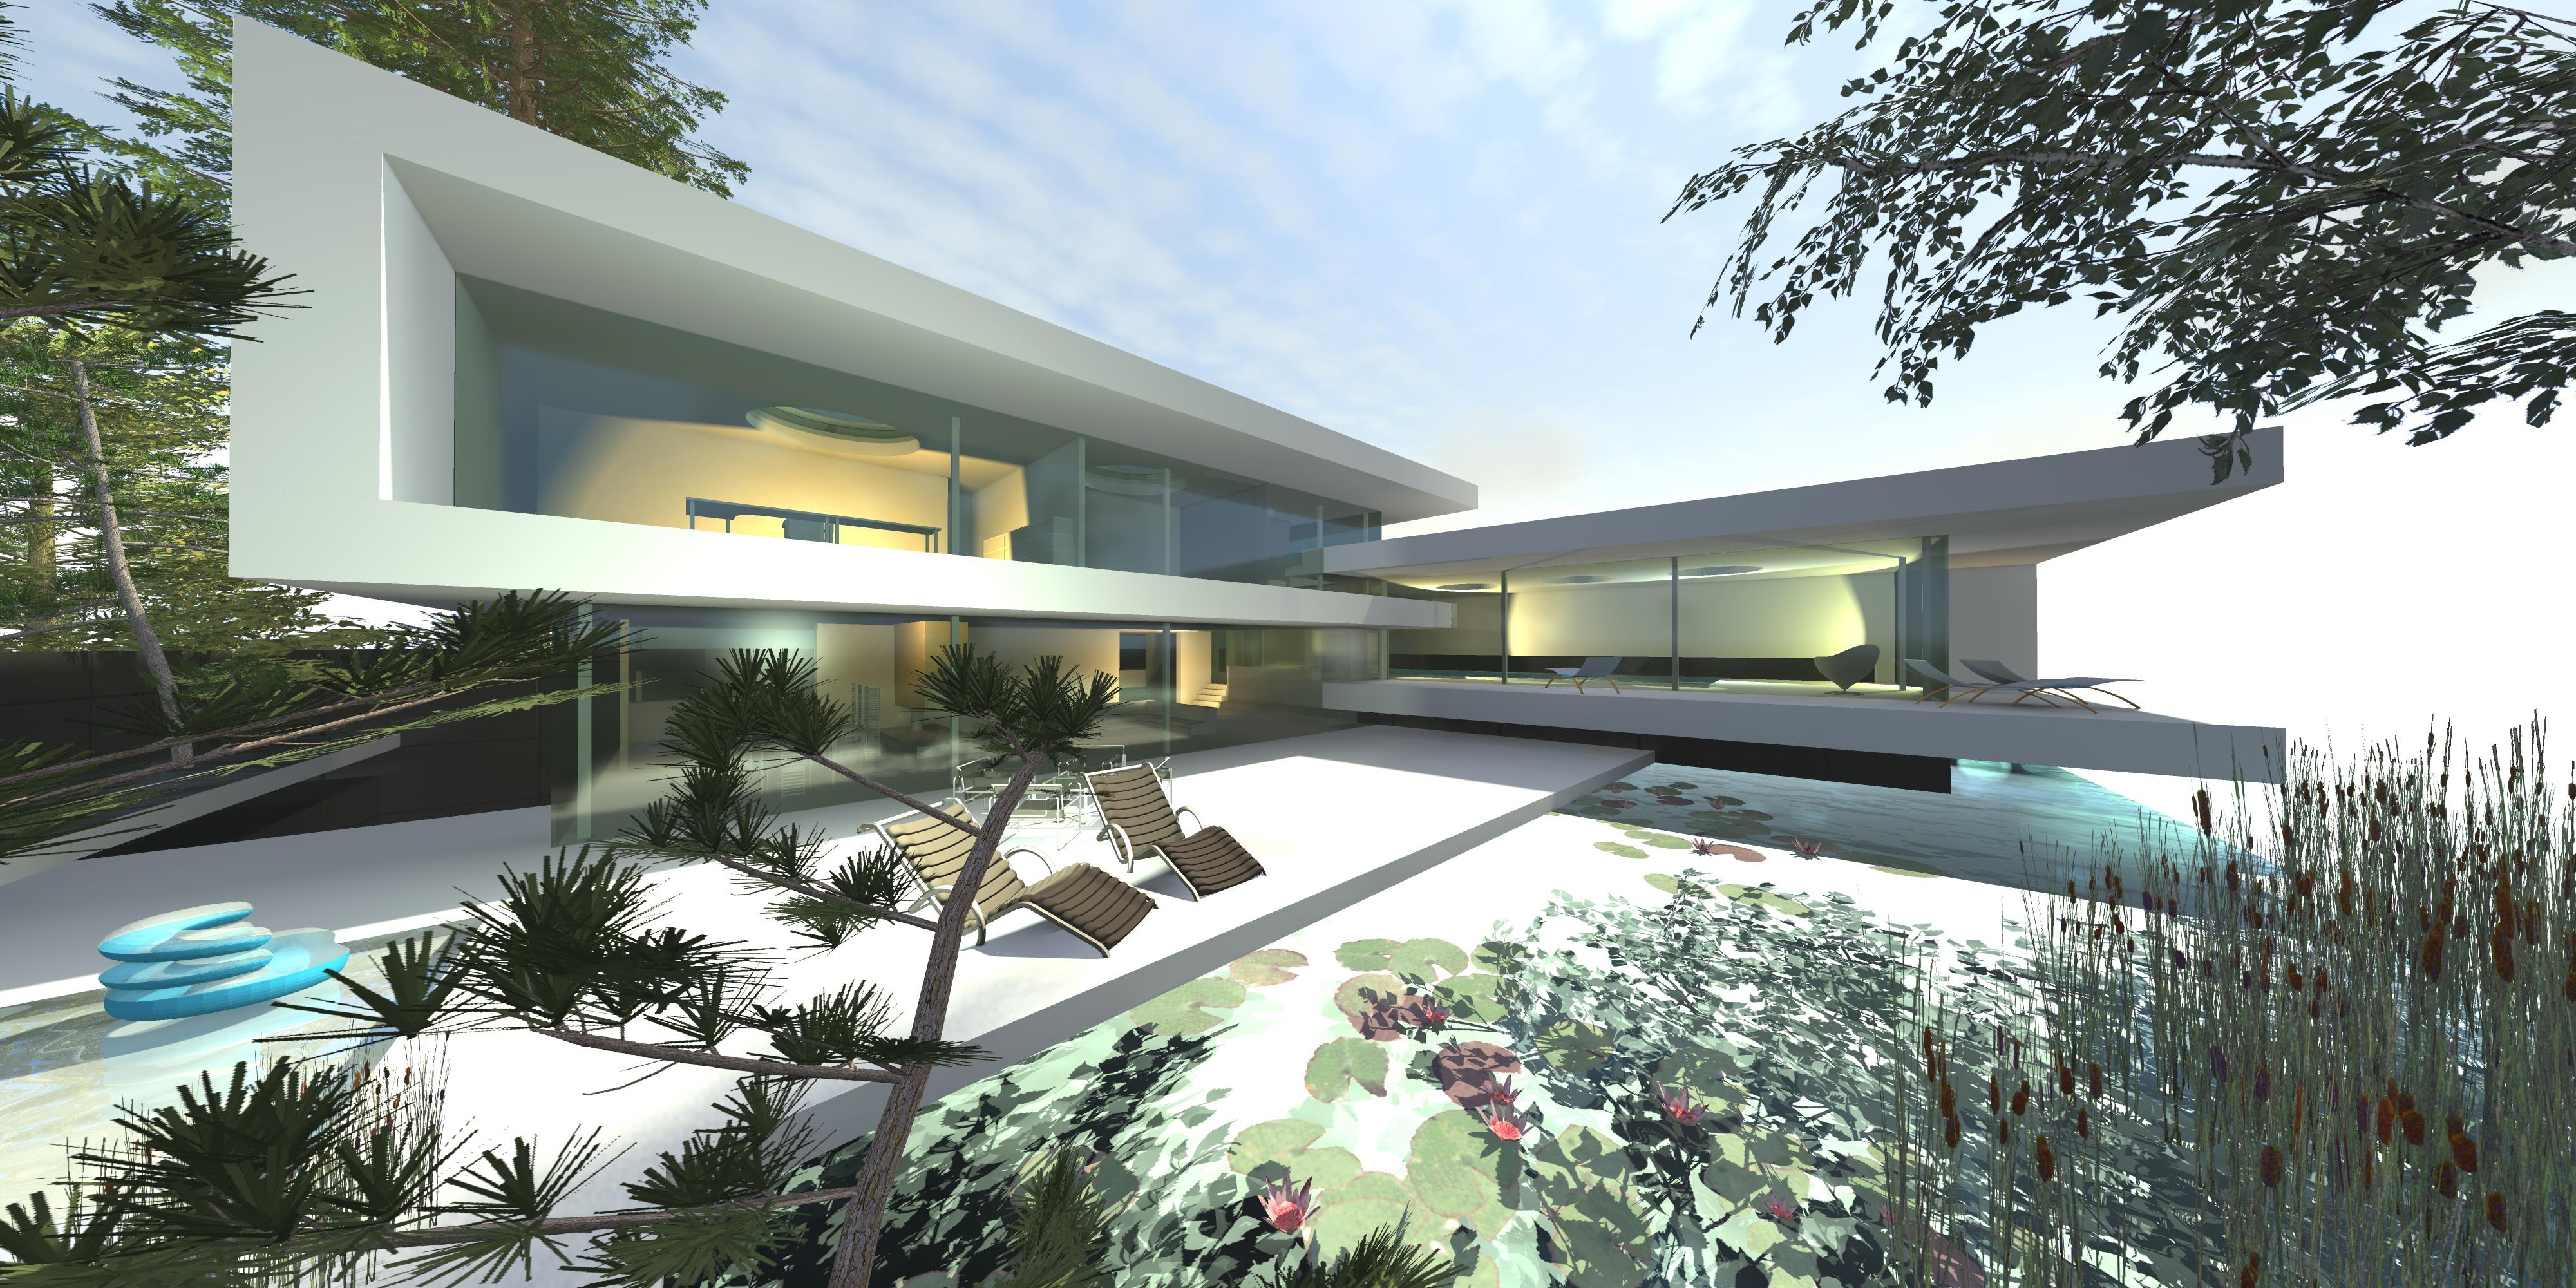 Maison Architecture And Design